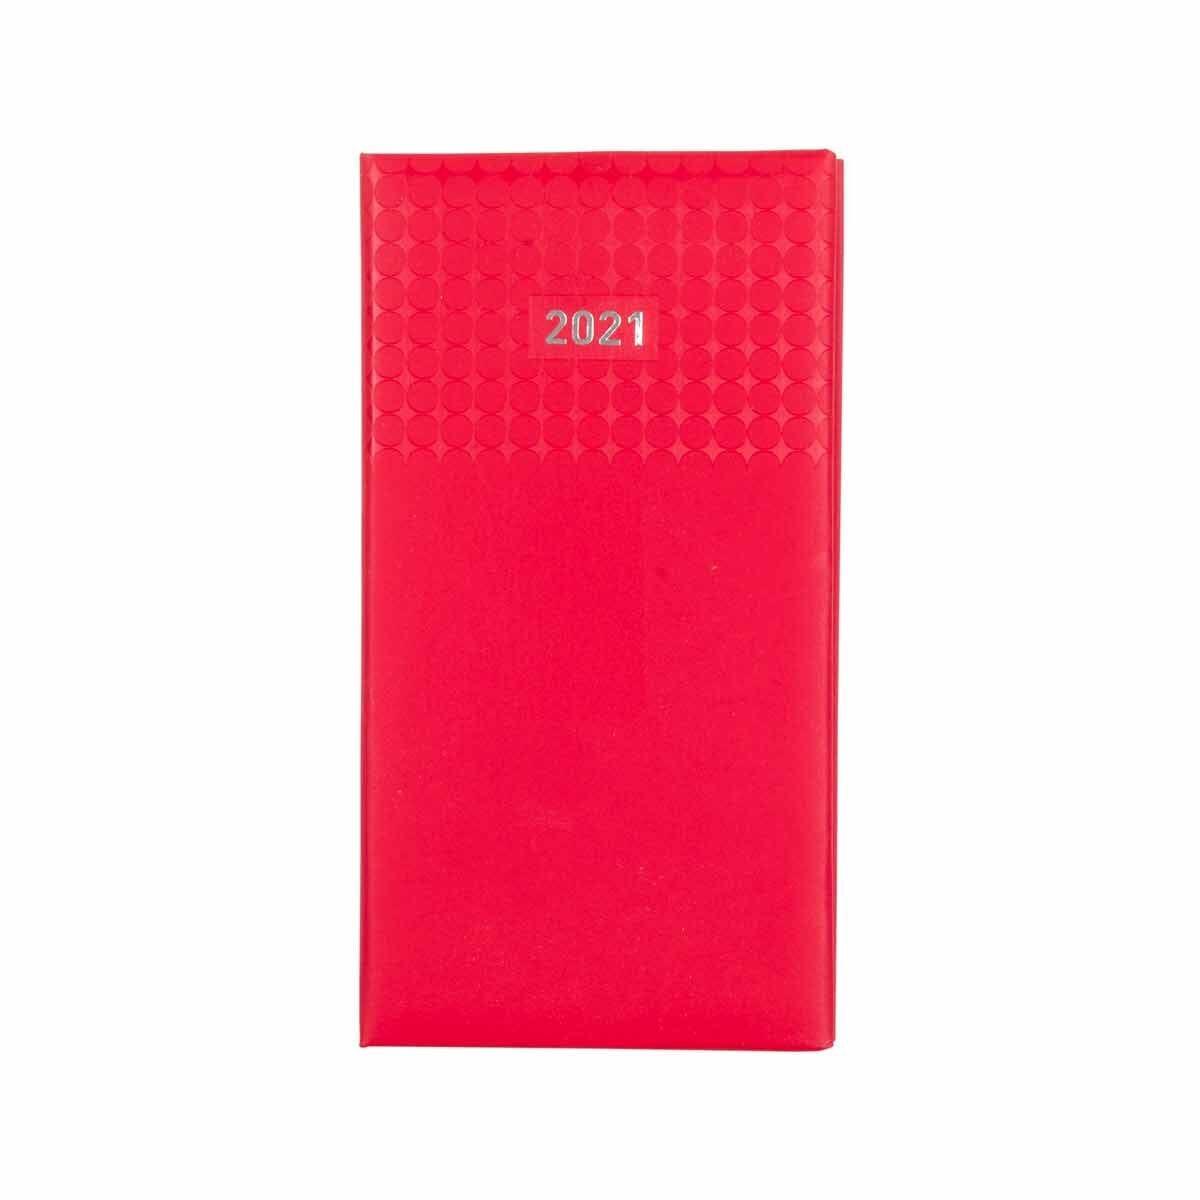 Ryman Langham Diary 2 Weeks to View Slim 2021 Red